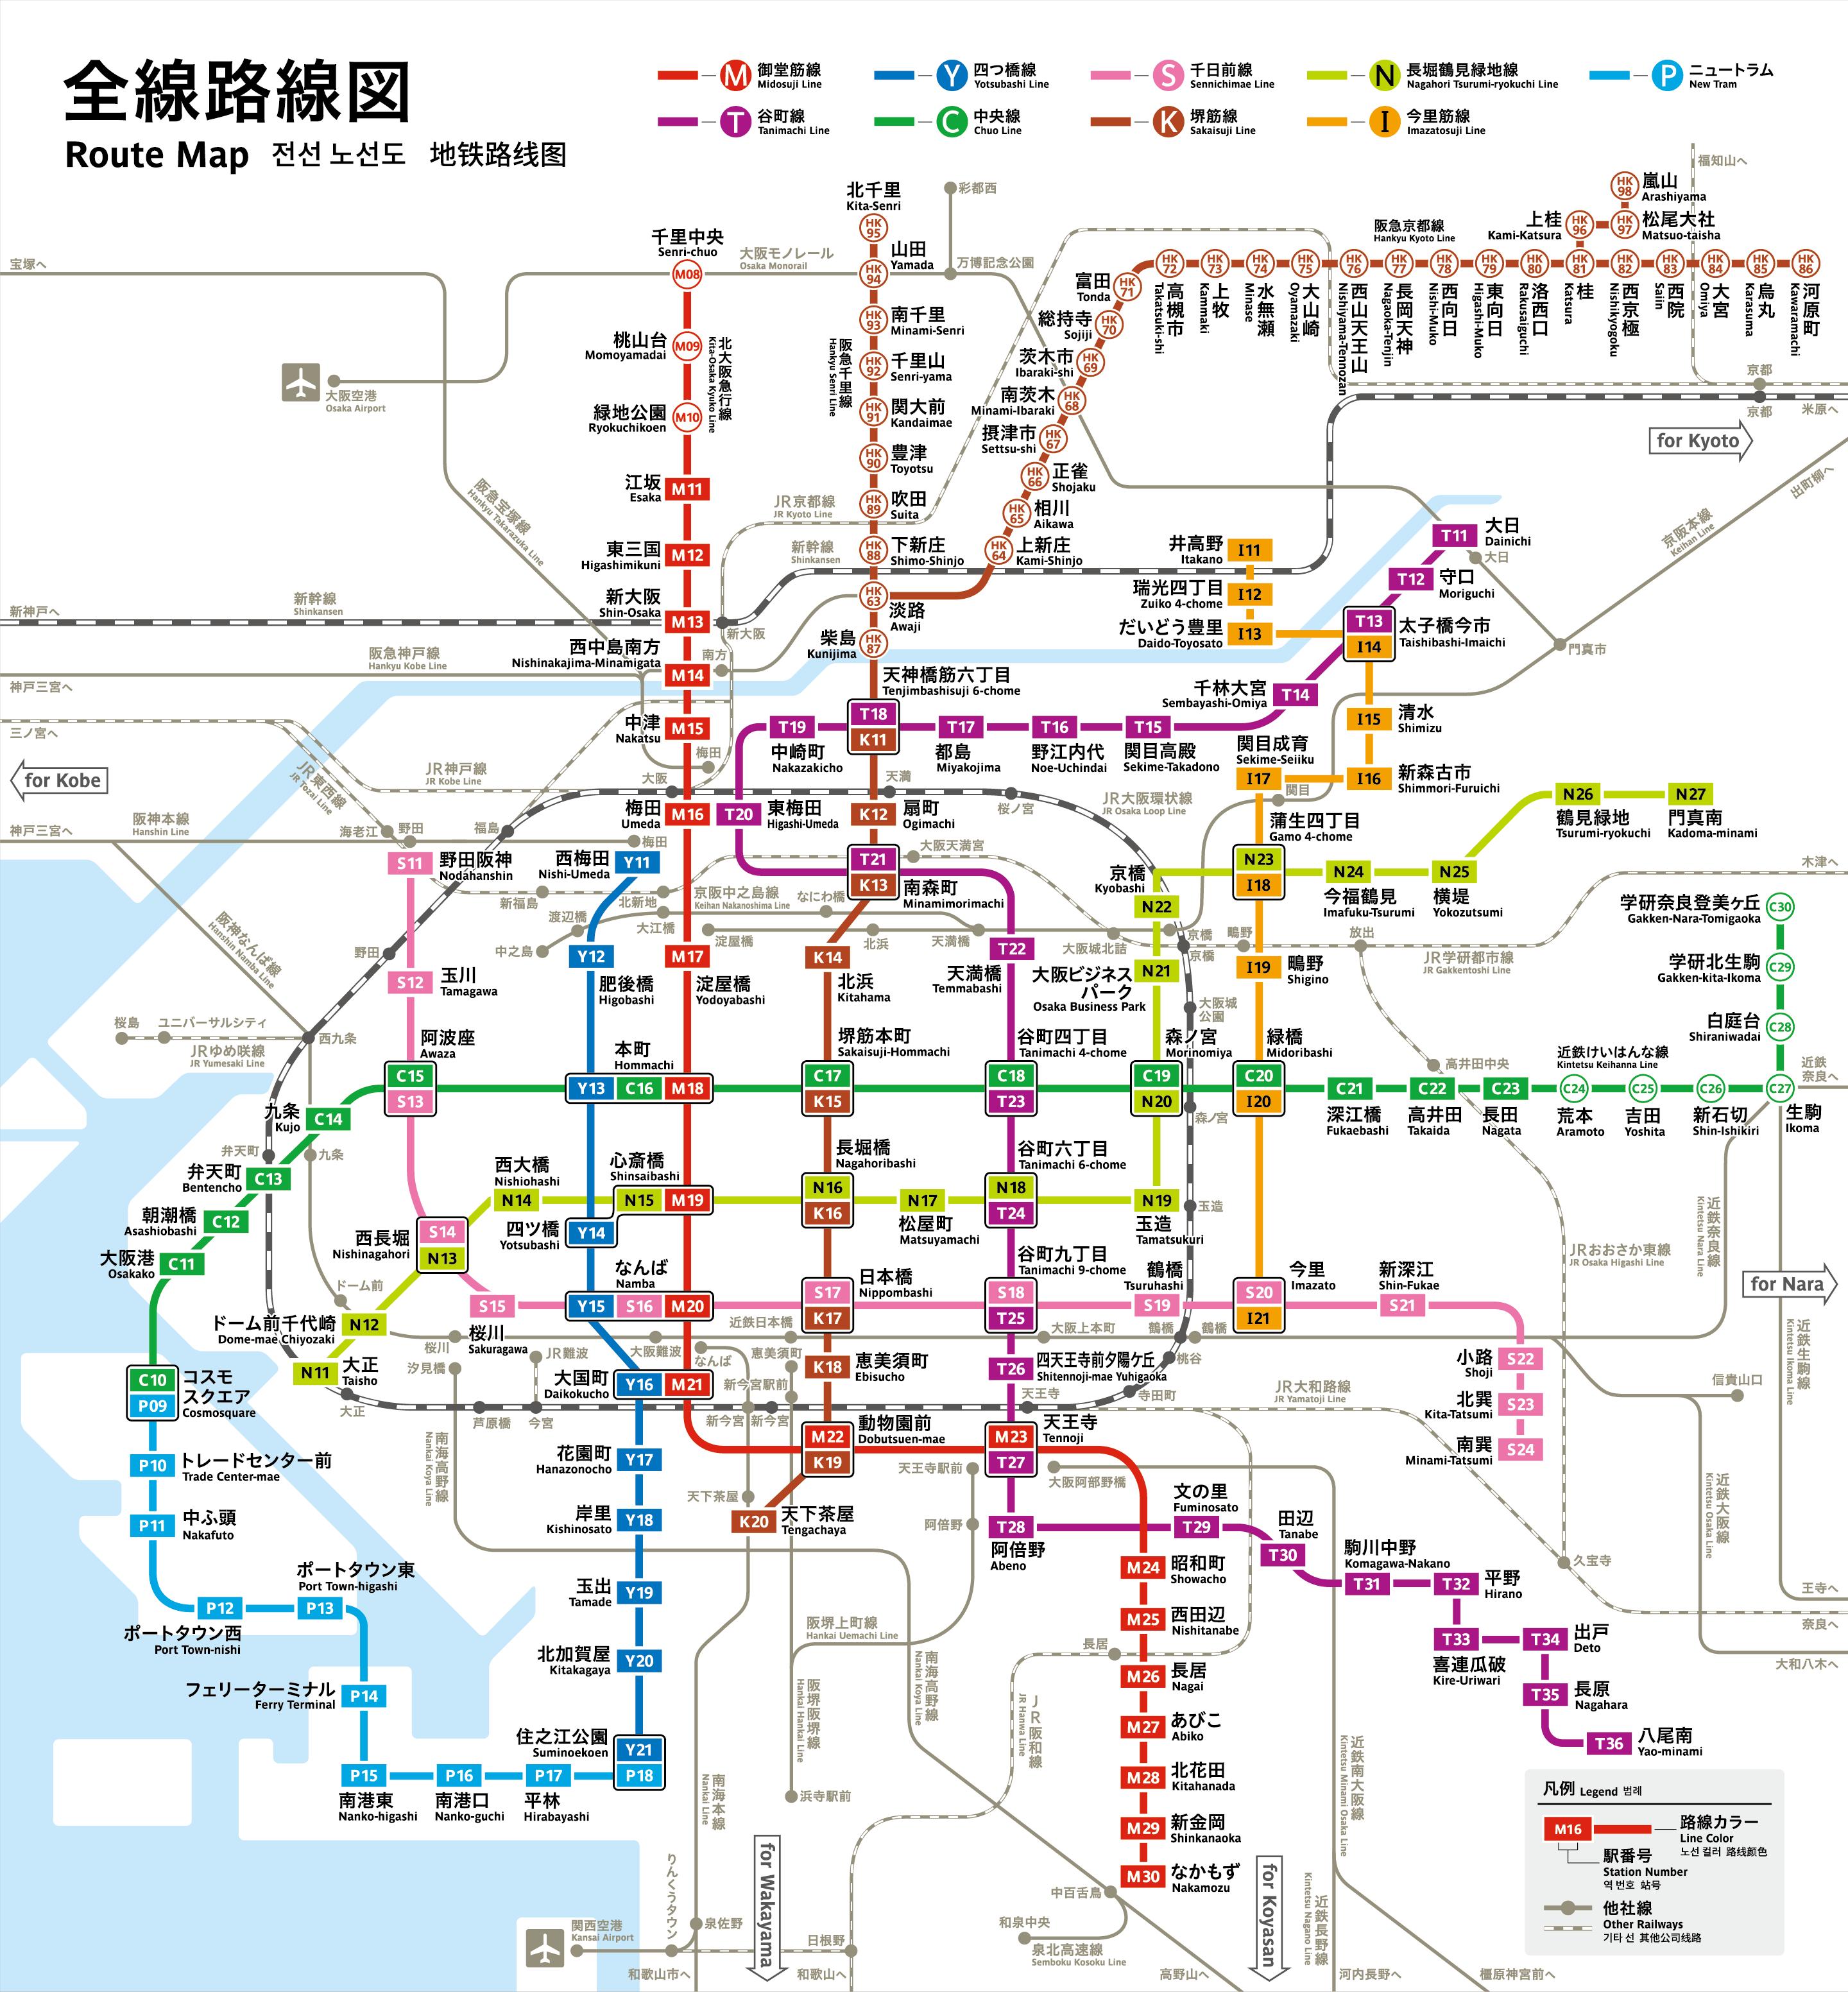 大阪地下鉄・シティバス「年末年始おでかけキャンペーン」乗り放題